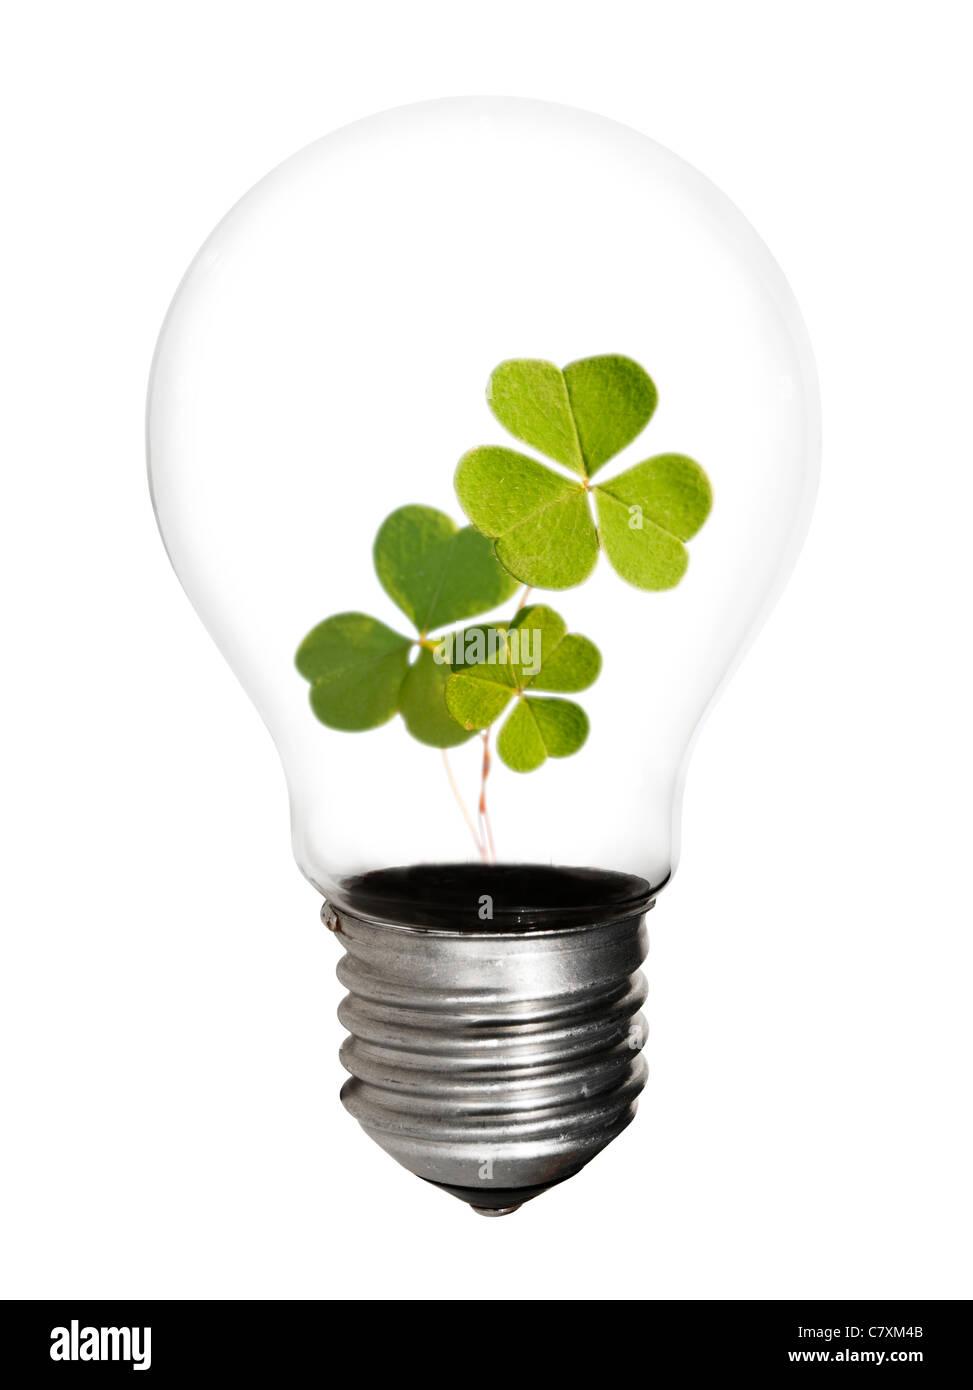 El futuro depara la energía renovable Imagen De Stock